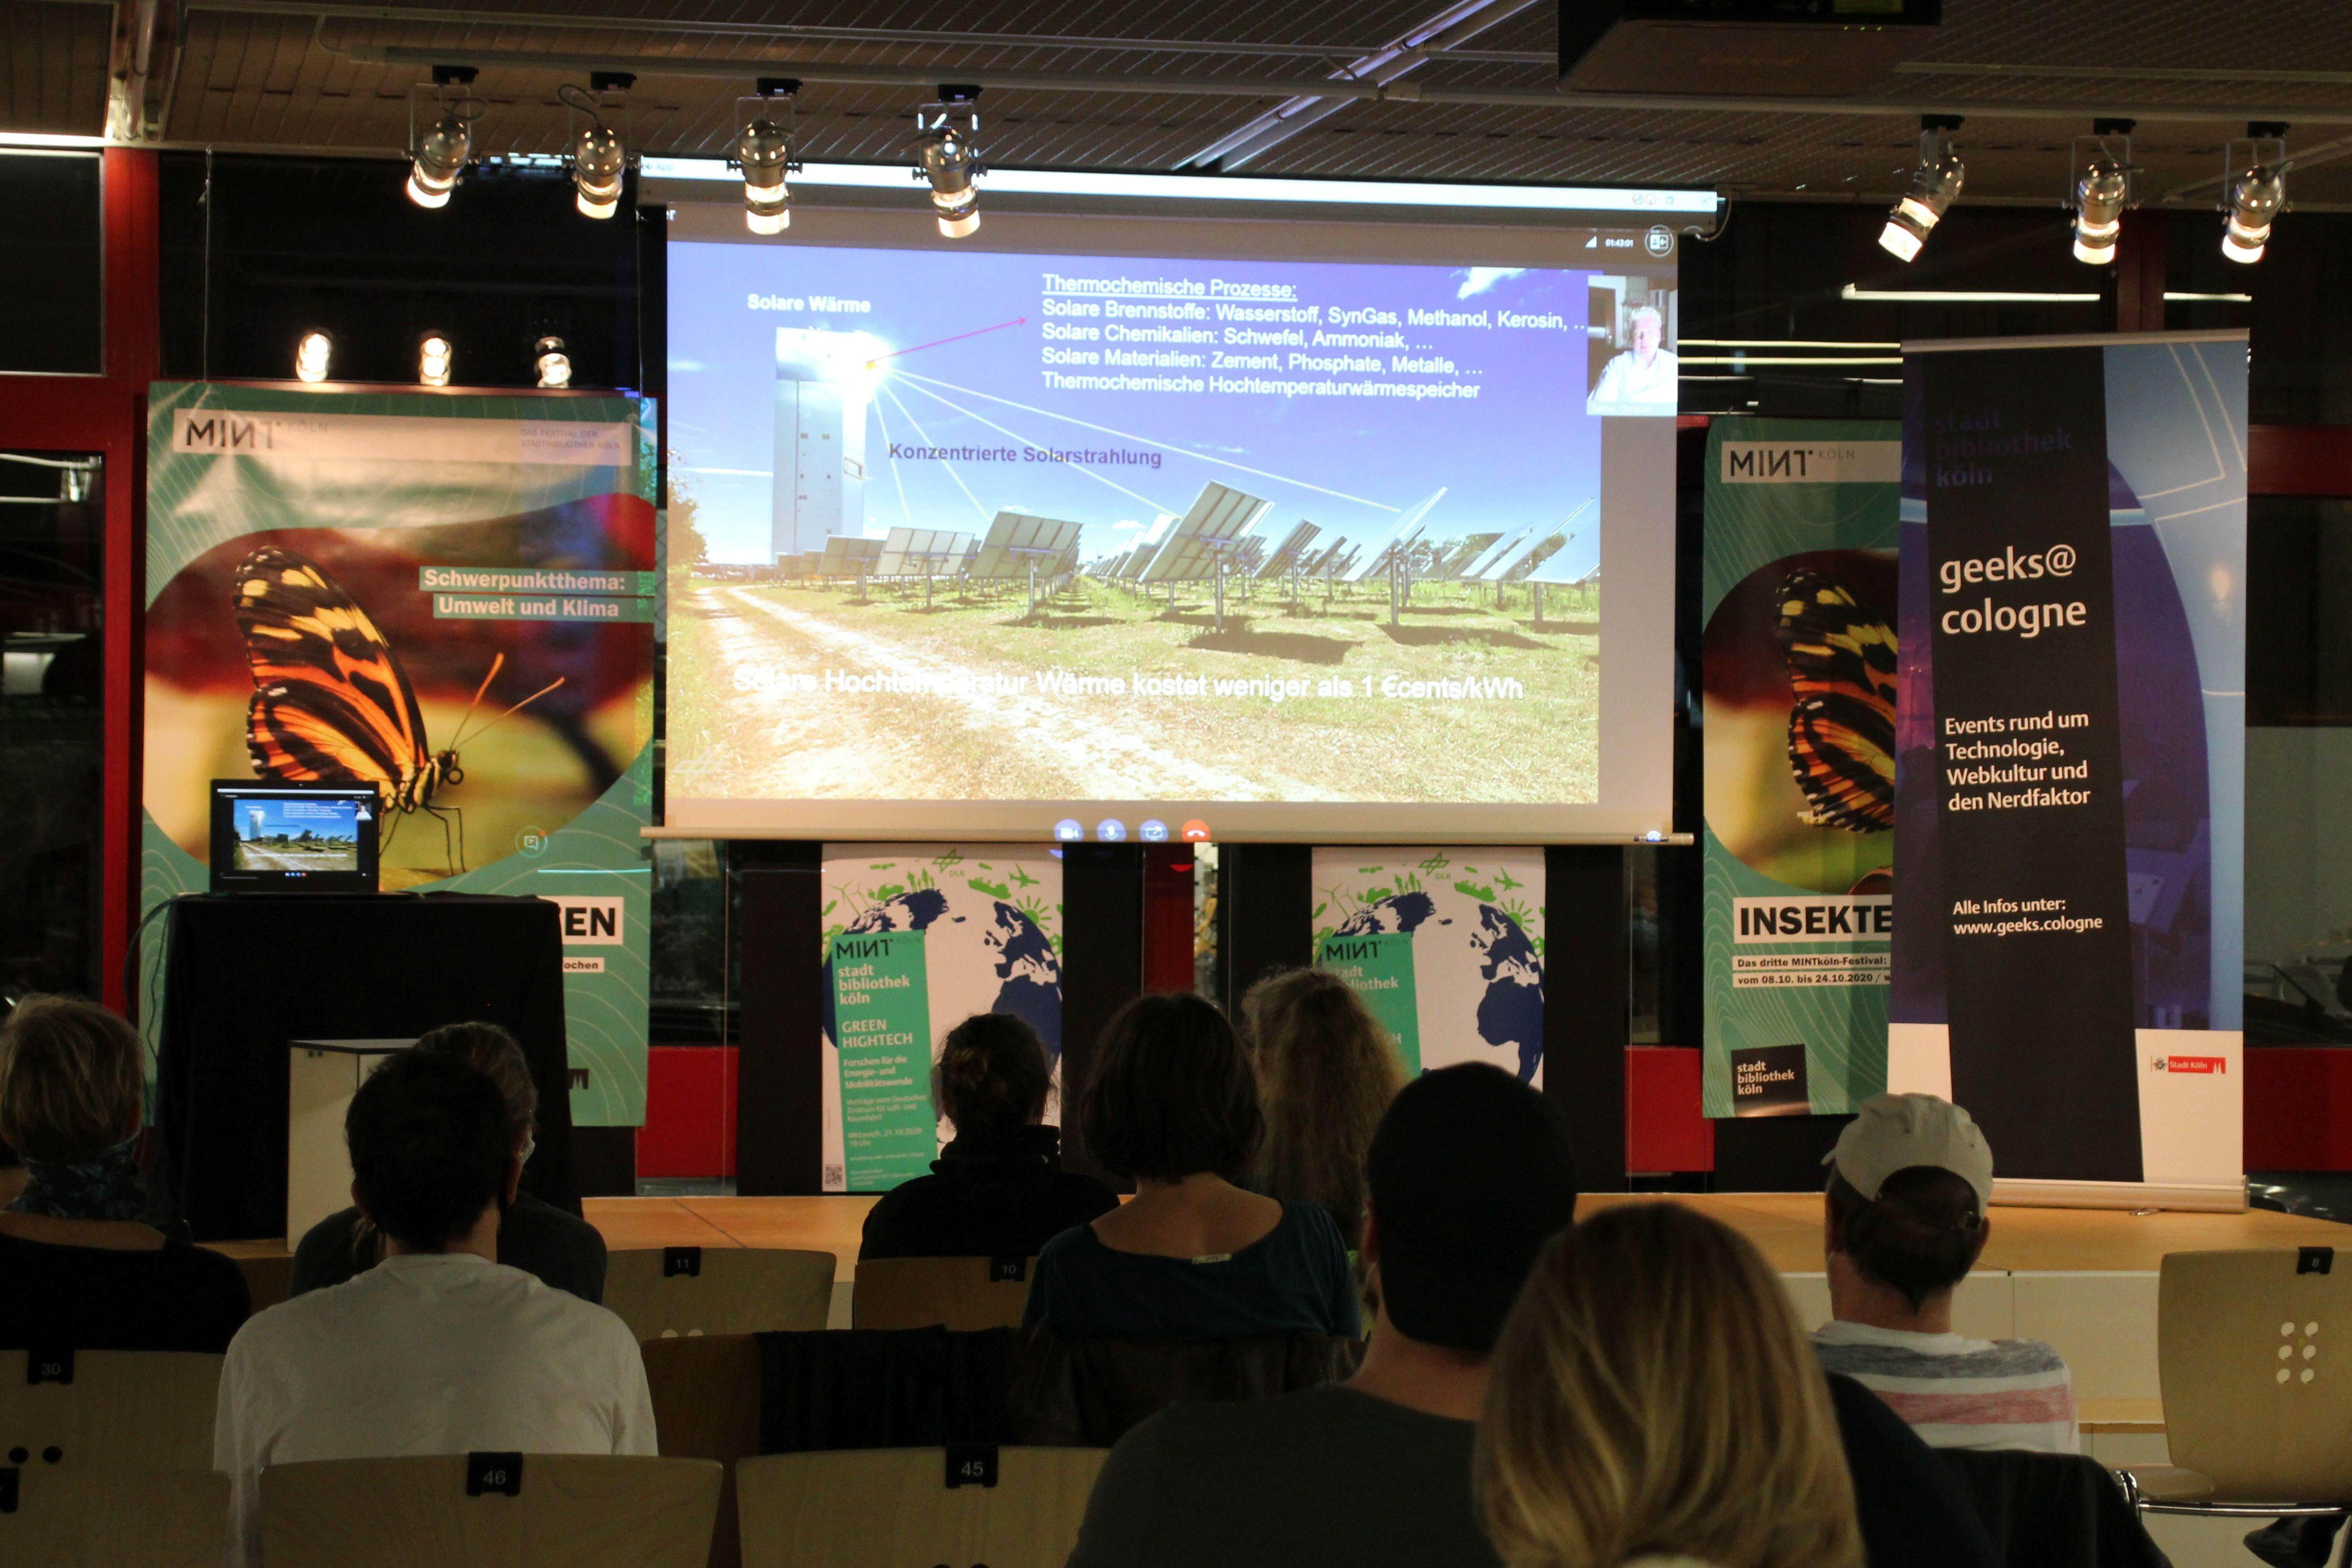 Veranstaltungsbühne der Zentralbibliothek. Leinwand mit Vortragsfolie und Live-Bild des Vortragenden. Publikum auf Stühlen im Vordergrund.